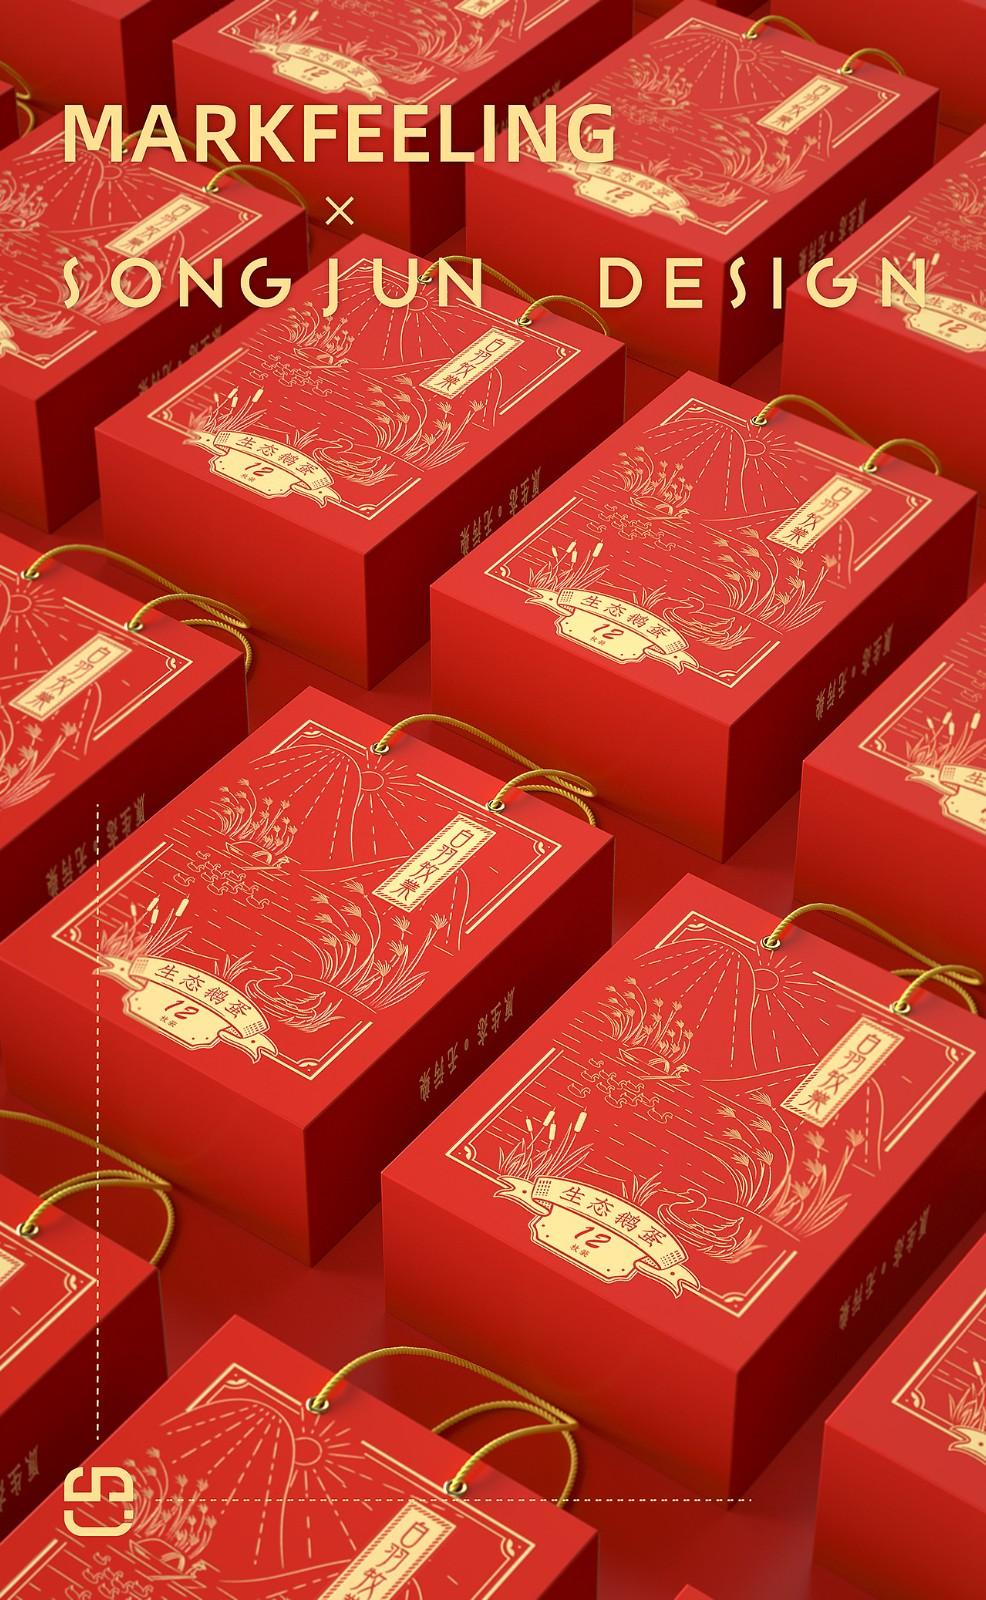 包装设计案例,包装设计公司